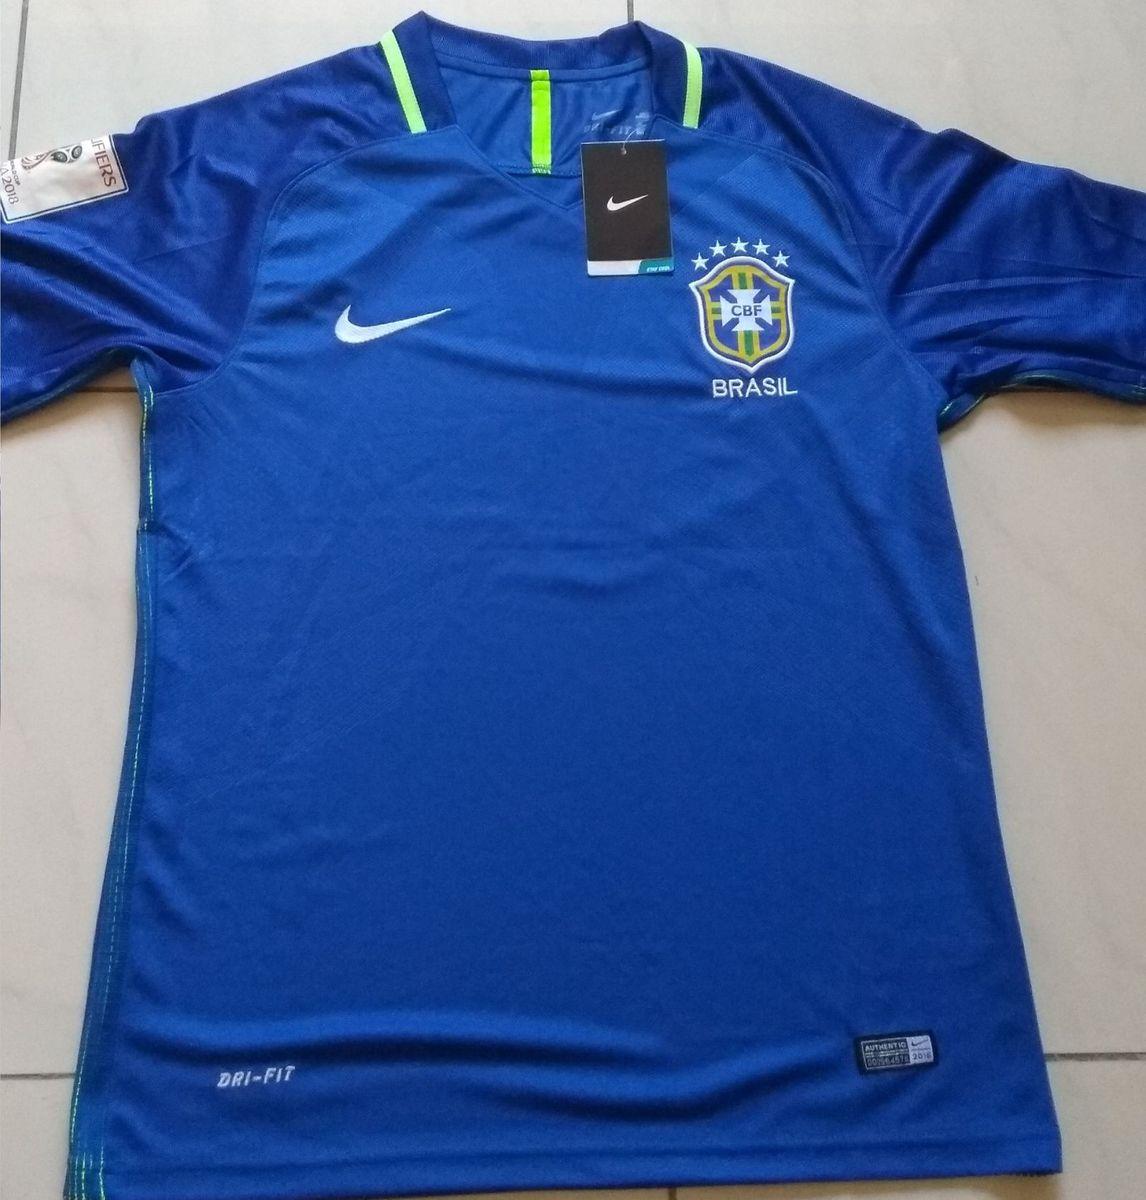 0793e66a13 camisa cbf seleção brasileira original 2017 away azul + patchs copa do mundo  - esportes nike